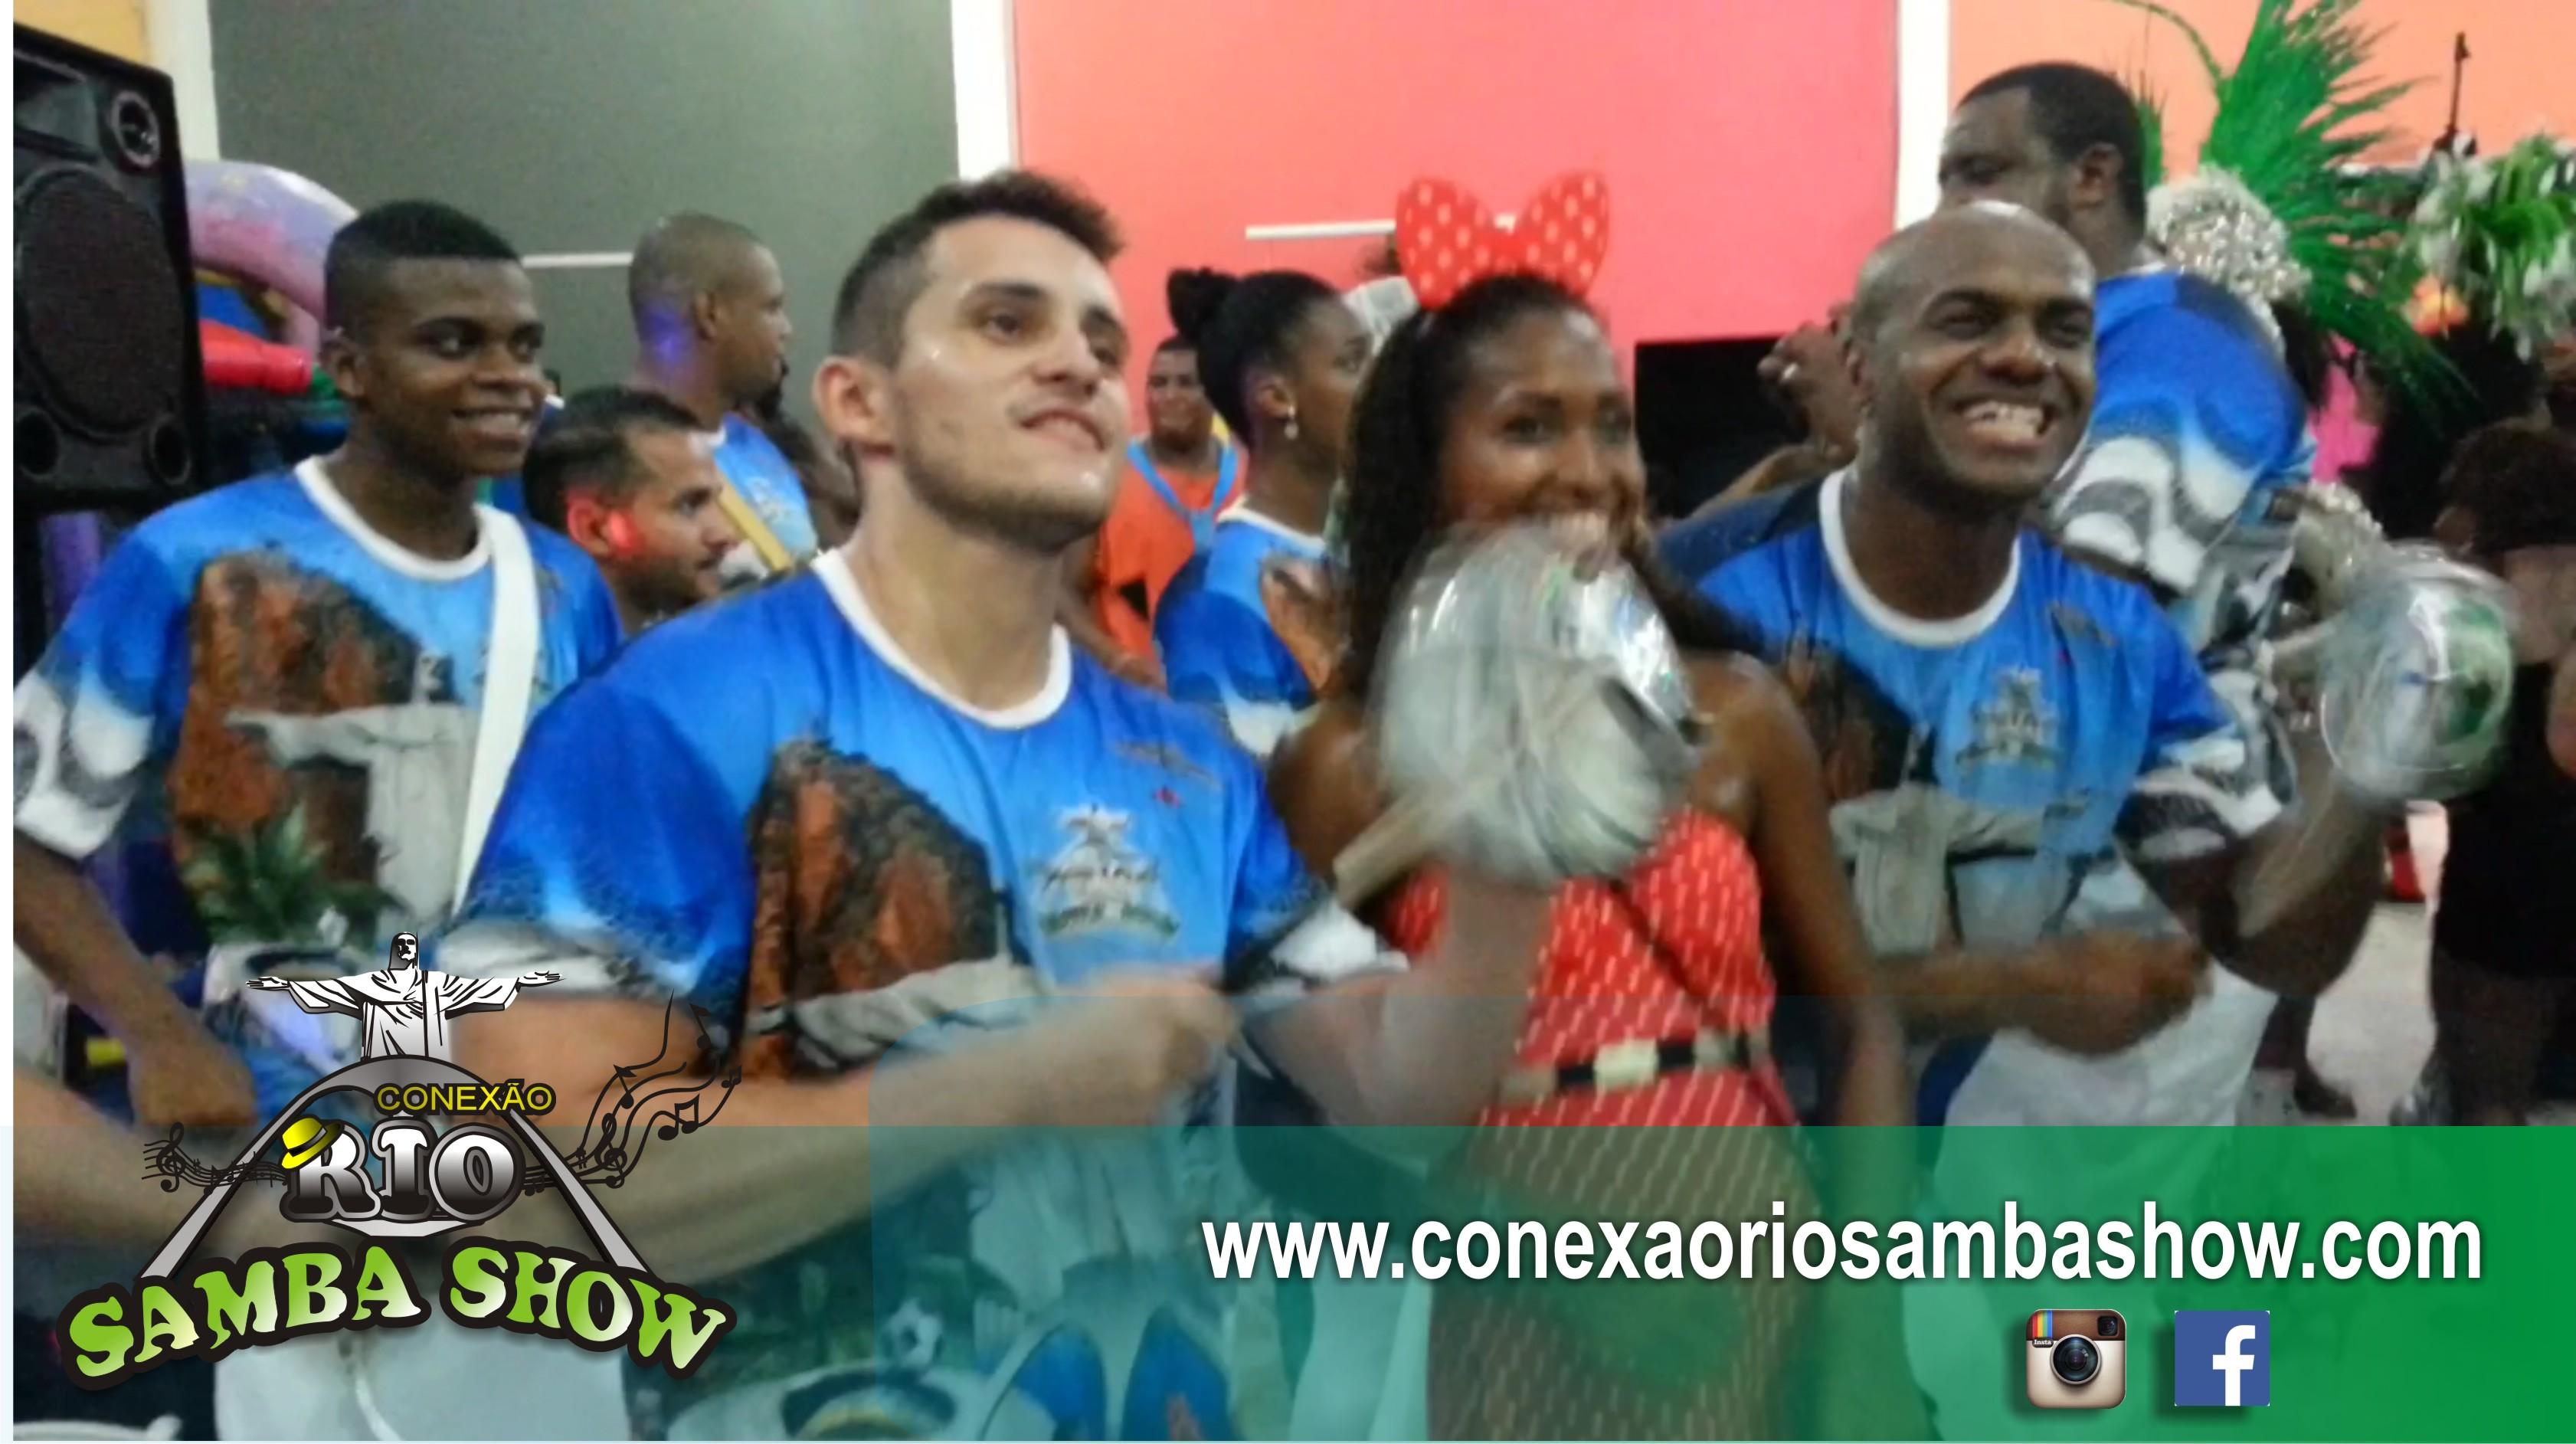 conexão_rio_samba_show_18.jpg